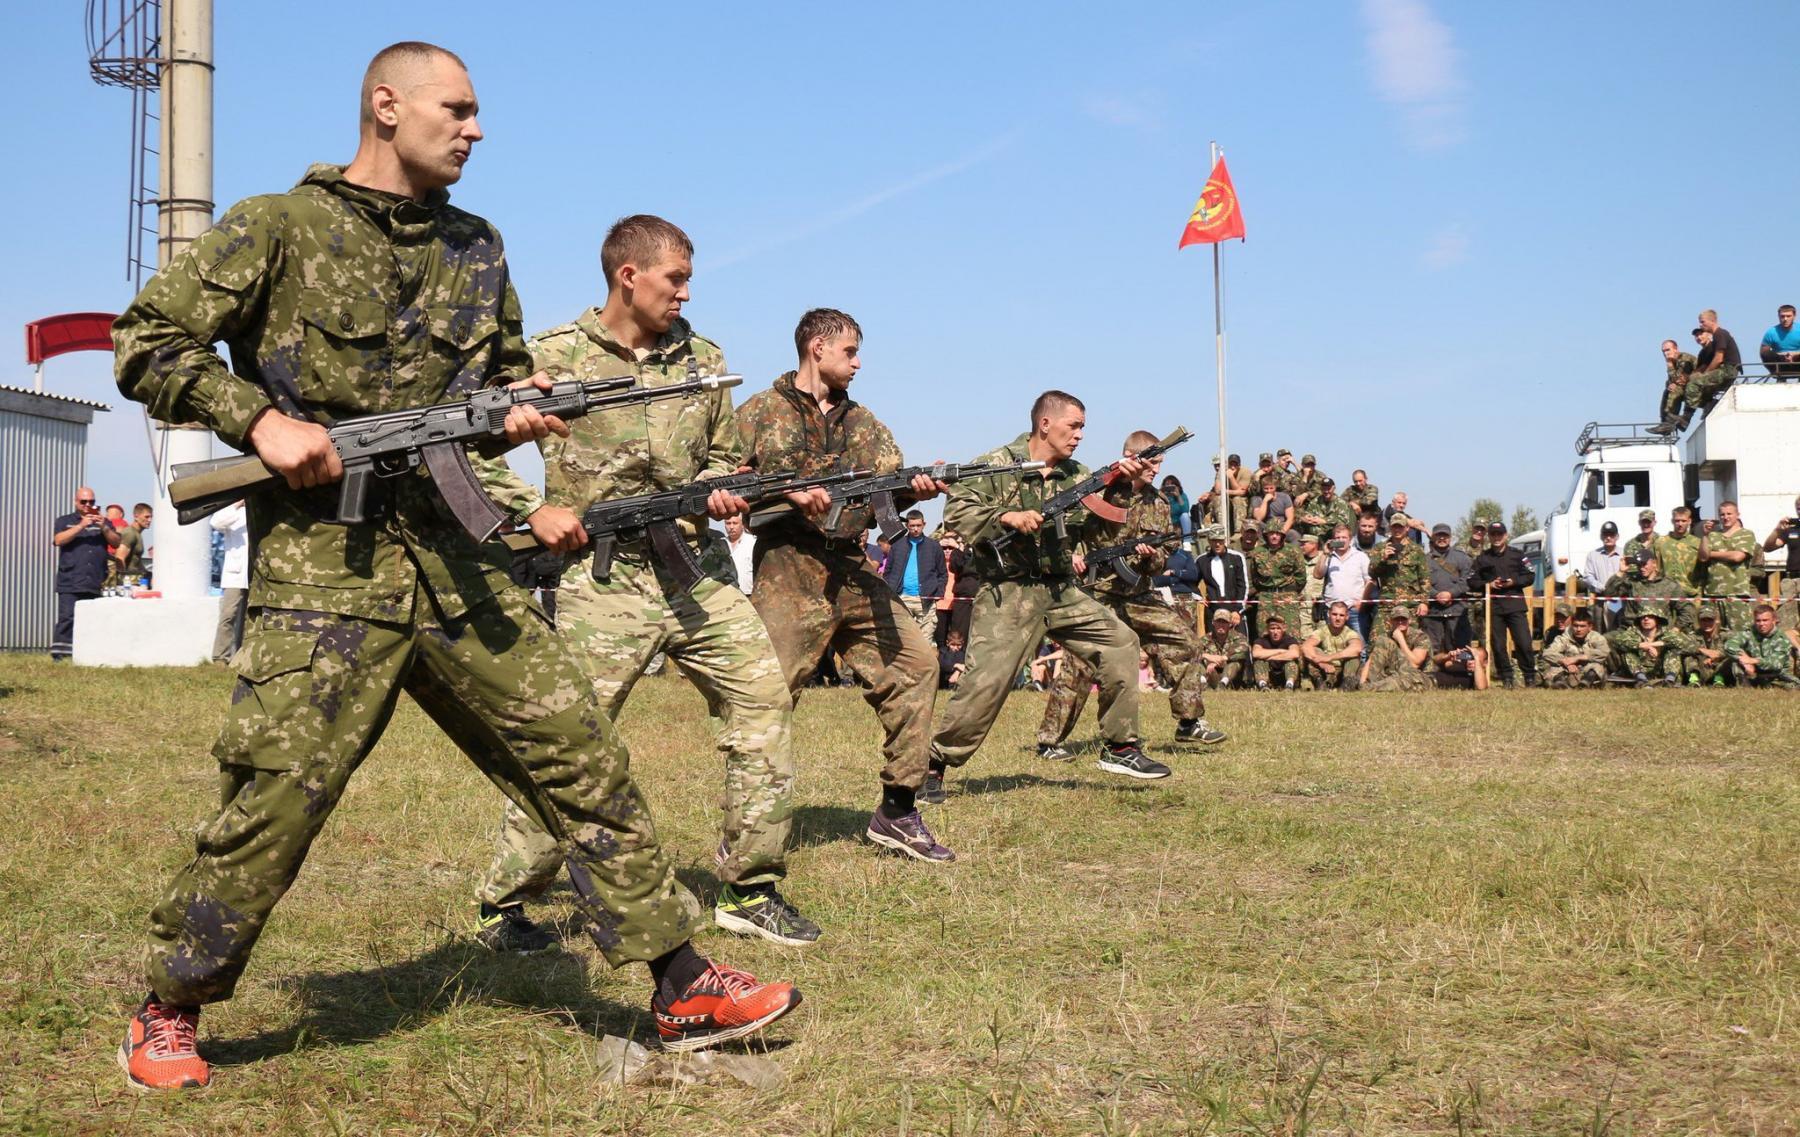 фото «Важны первые сутки»: как ищут сбежавших из колонии зэков в Новосибирске 5